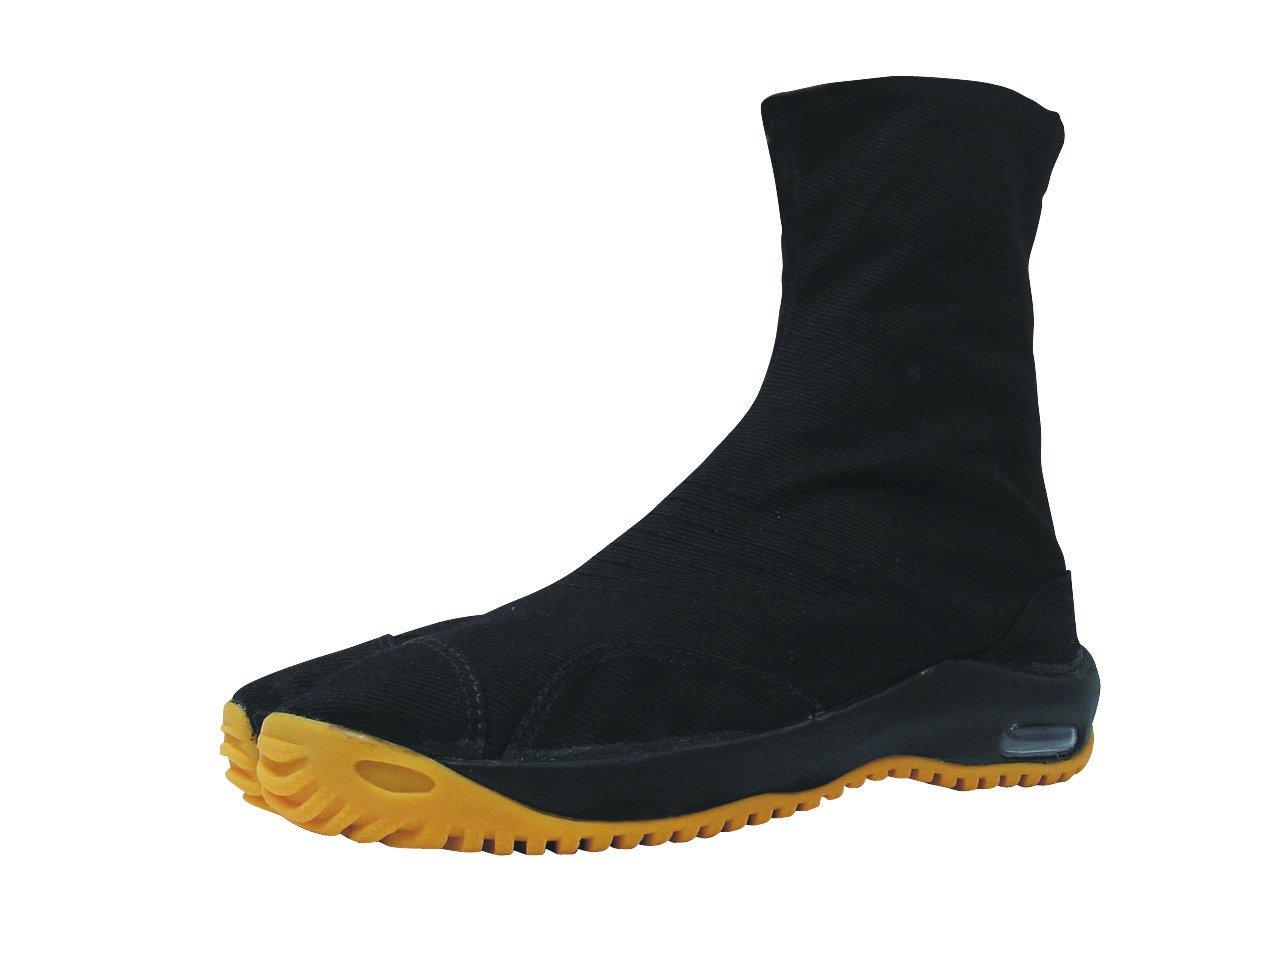 Marugo Air Jog Tabi Ninja Boots 6 Clips 3 Colors (25.5 cm, Black)